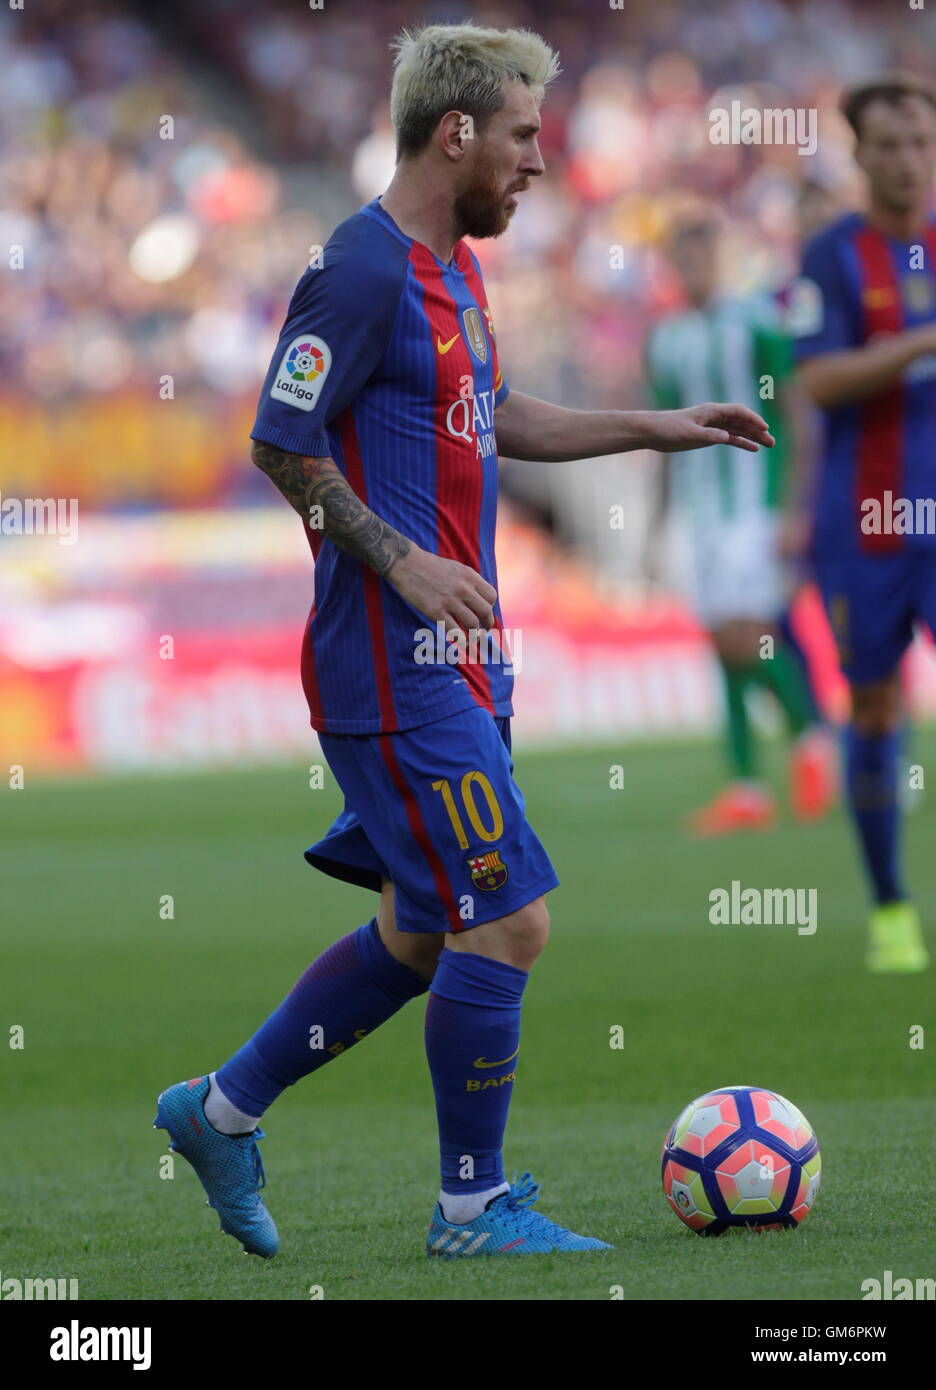 08/20/2016. Camp Nou, Barcelona, Espagne. Lionel Messi en action pendant le match de Liga espagnole FC Barcelone Banque D'Images